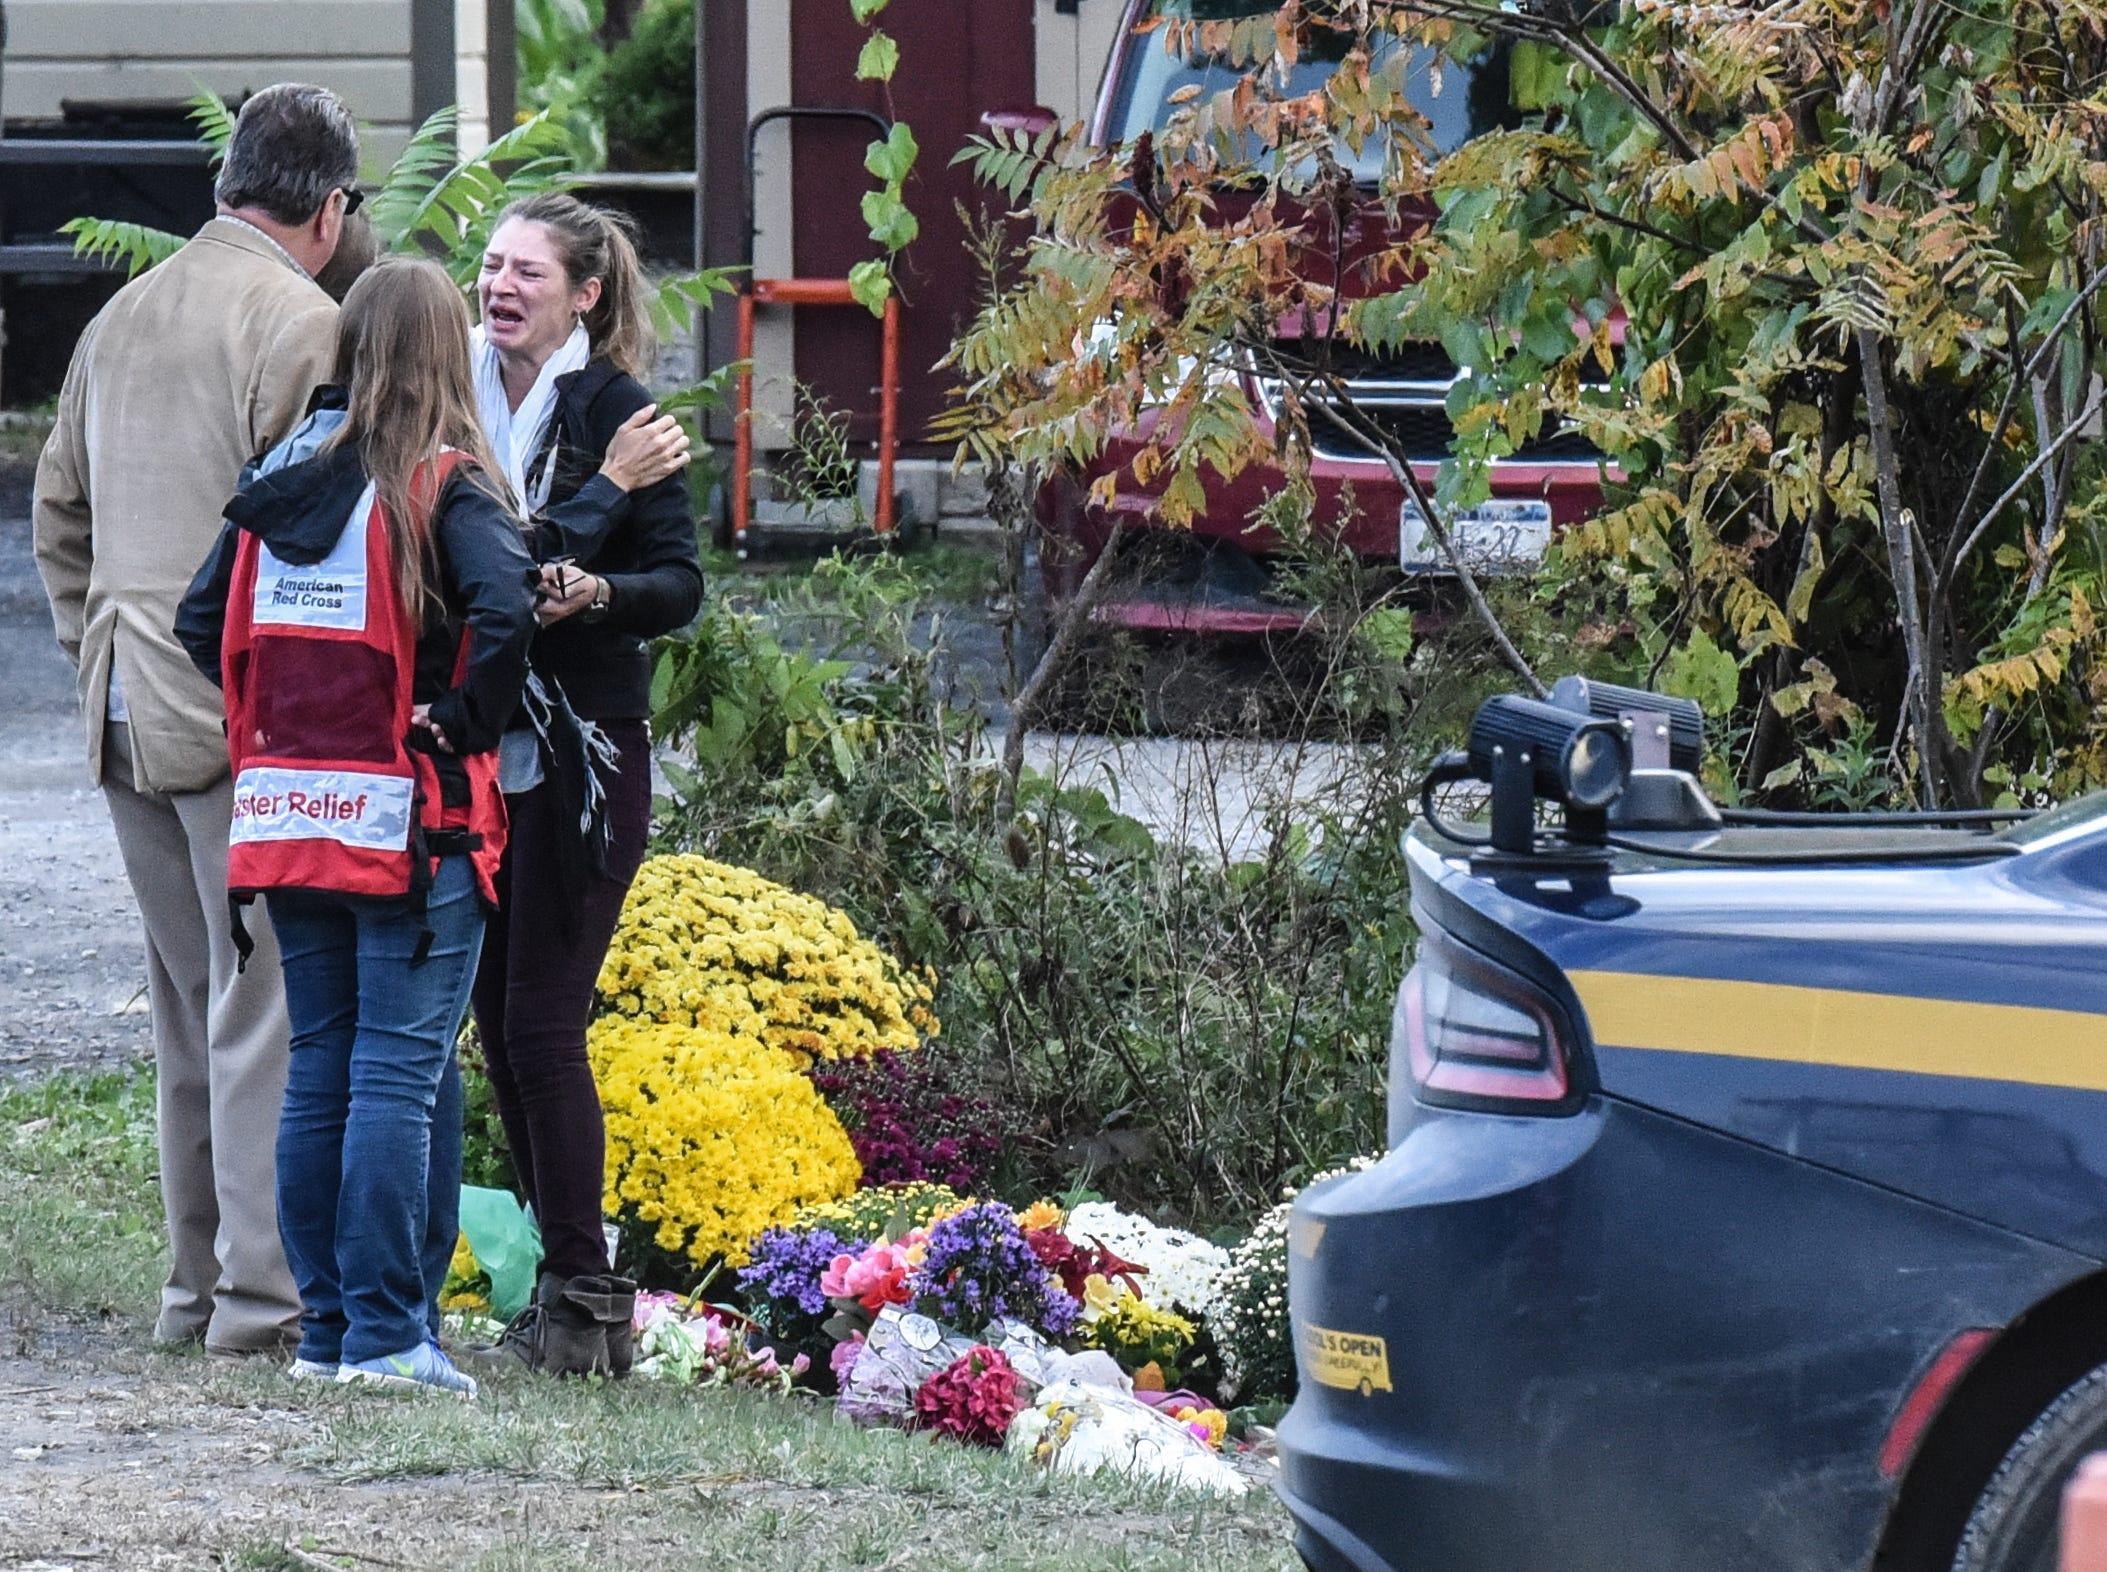 La gente se lamenta en el lugar del fatal accidente de limusina mientras los autos se acercan al sitio del accidente el 8 de octubre de 2018 en Schoharie, Nueva York. 20 personas murieron en el accidente, incluido el conductor de la limusina, 17 pasajeros y dos peatones.